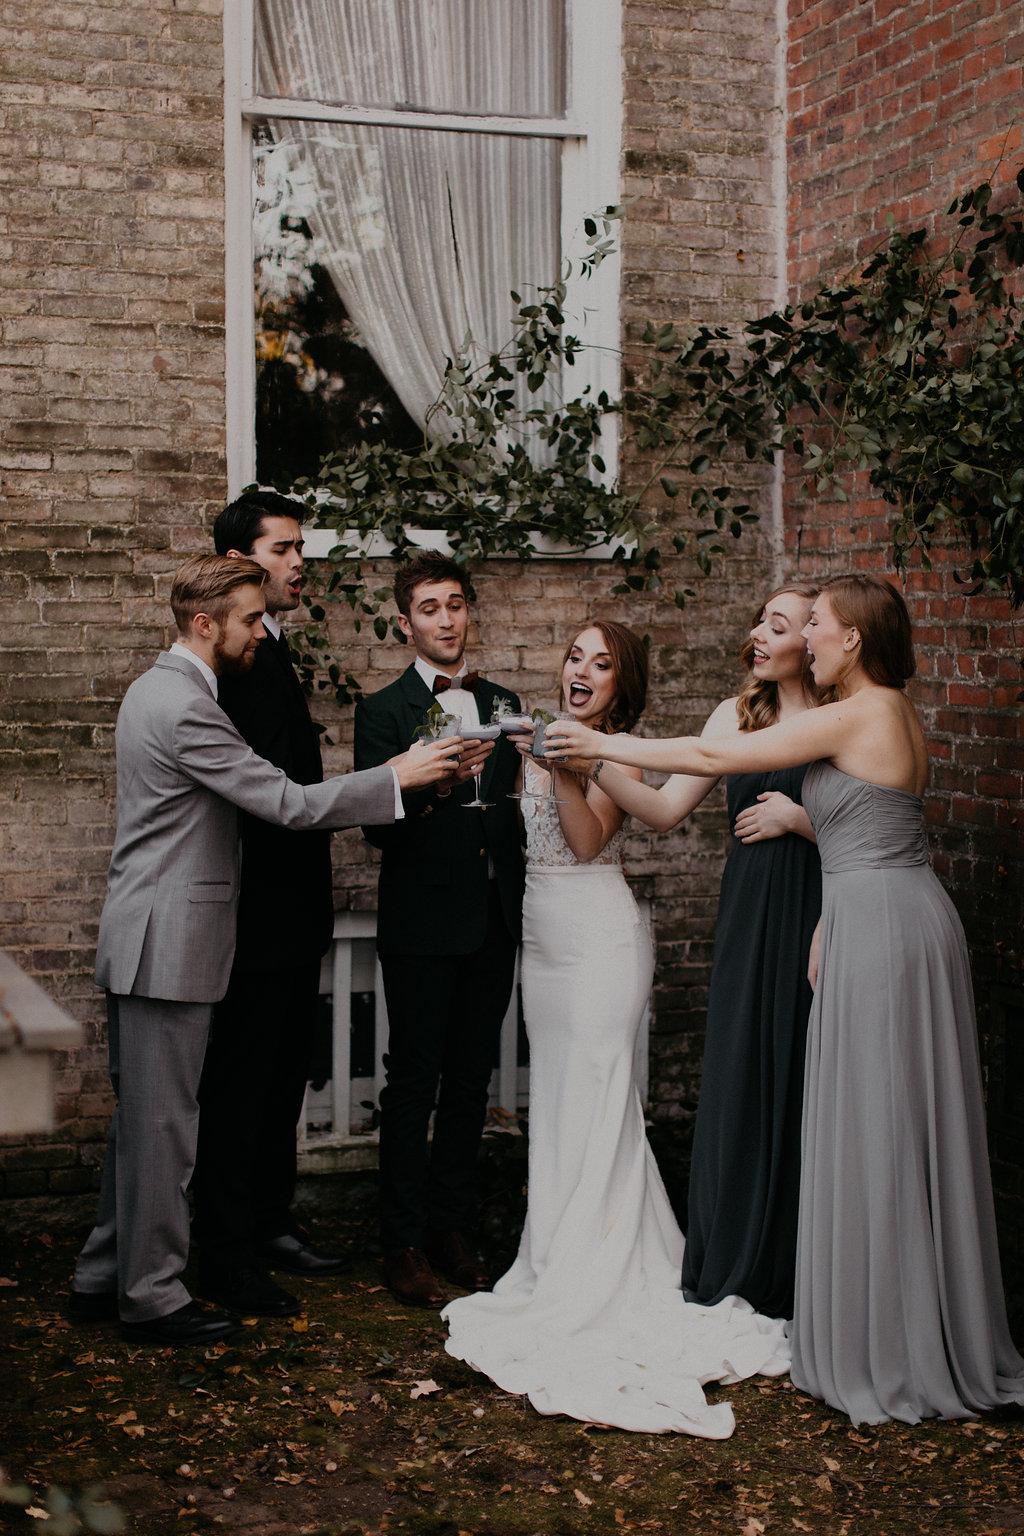 Winter Wedding Inspiration // Nashville Floral Design